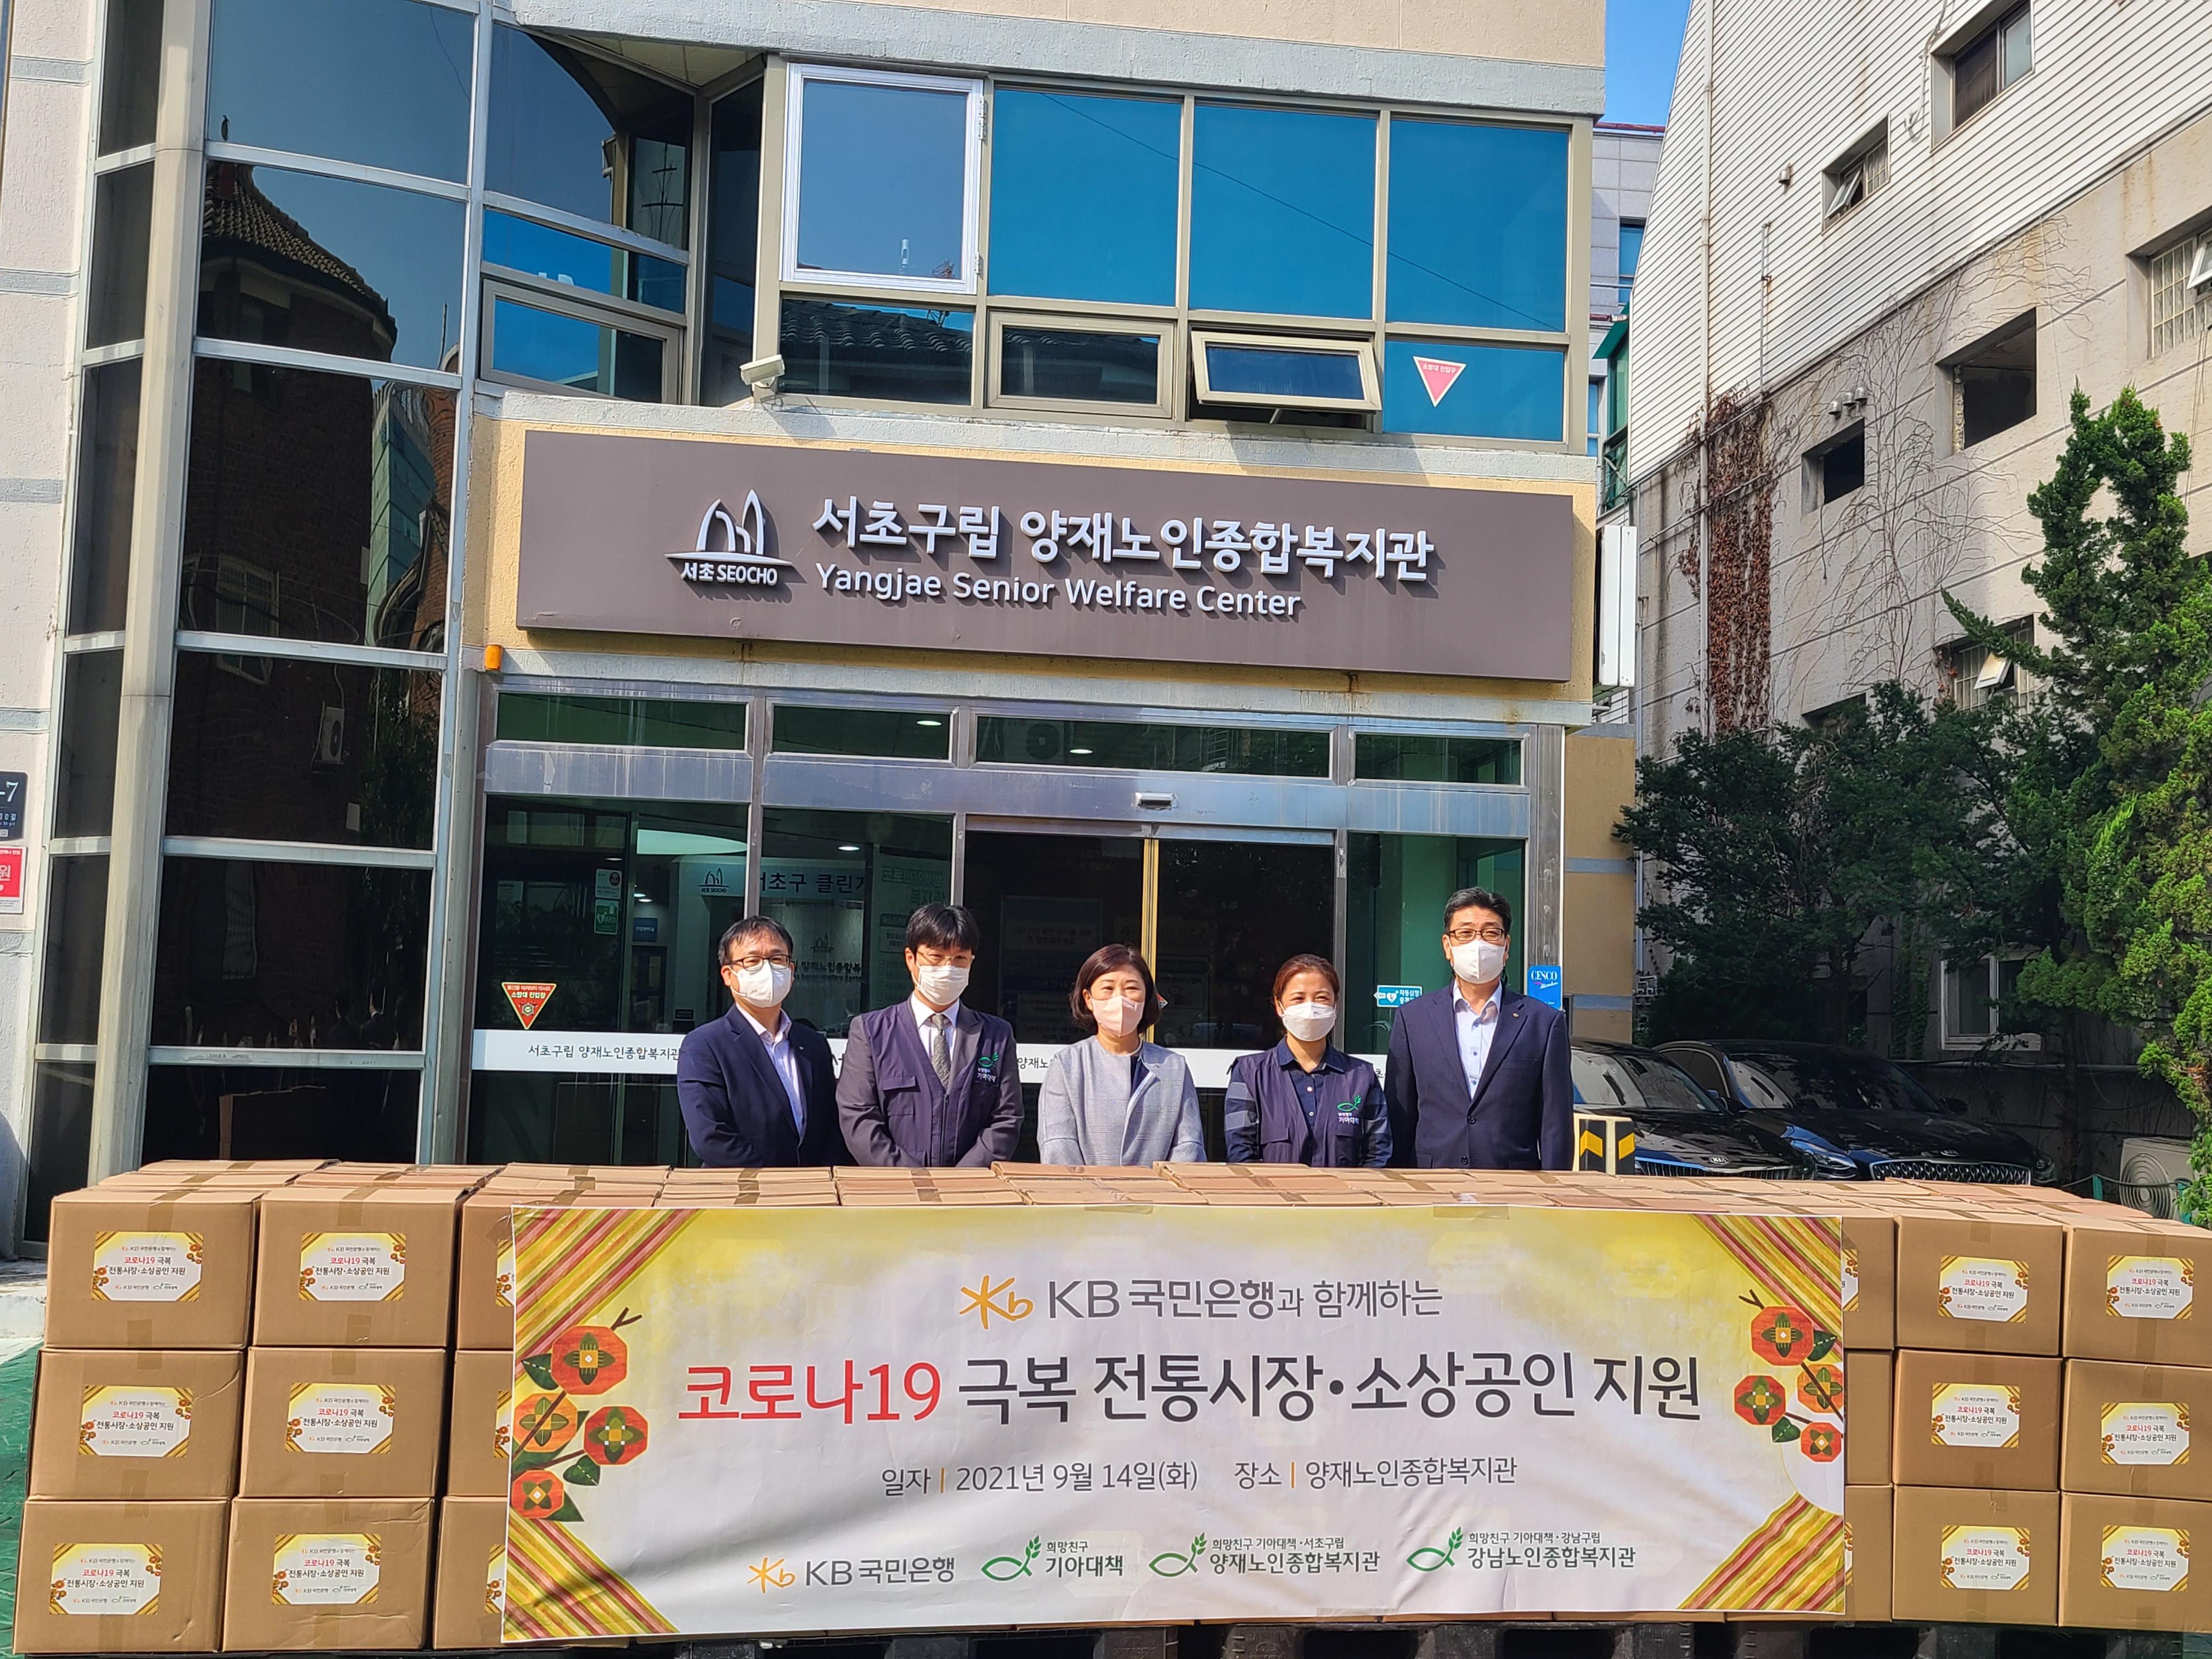 2021년 추석맞이 취약계층 명절선물지원 사랑나눔행사 실시